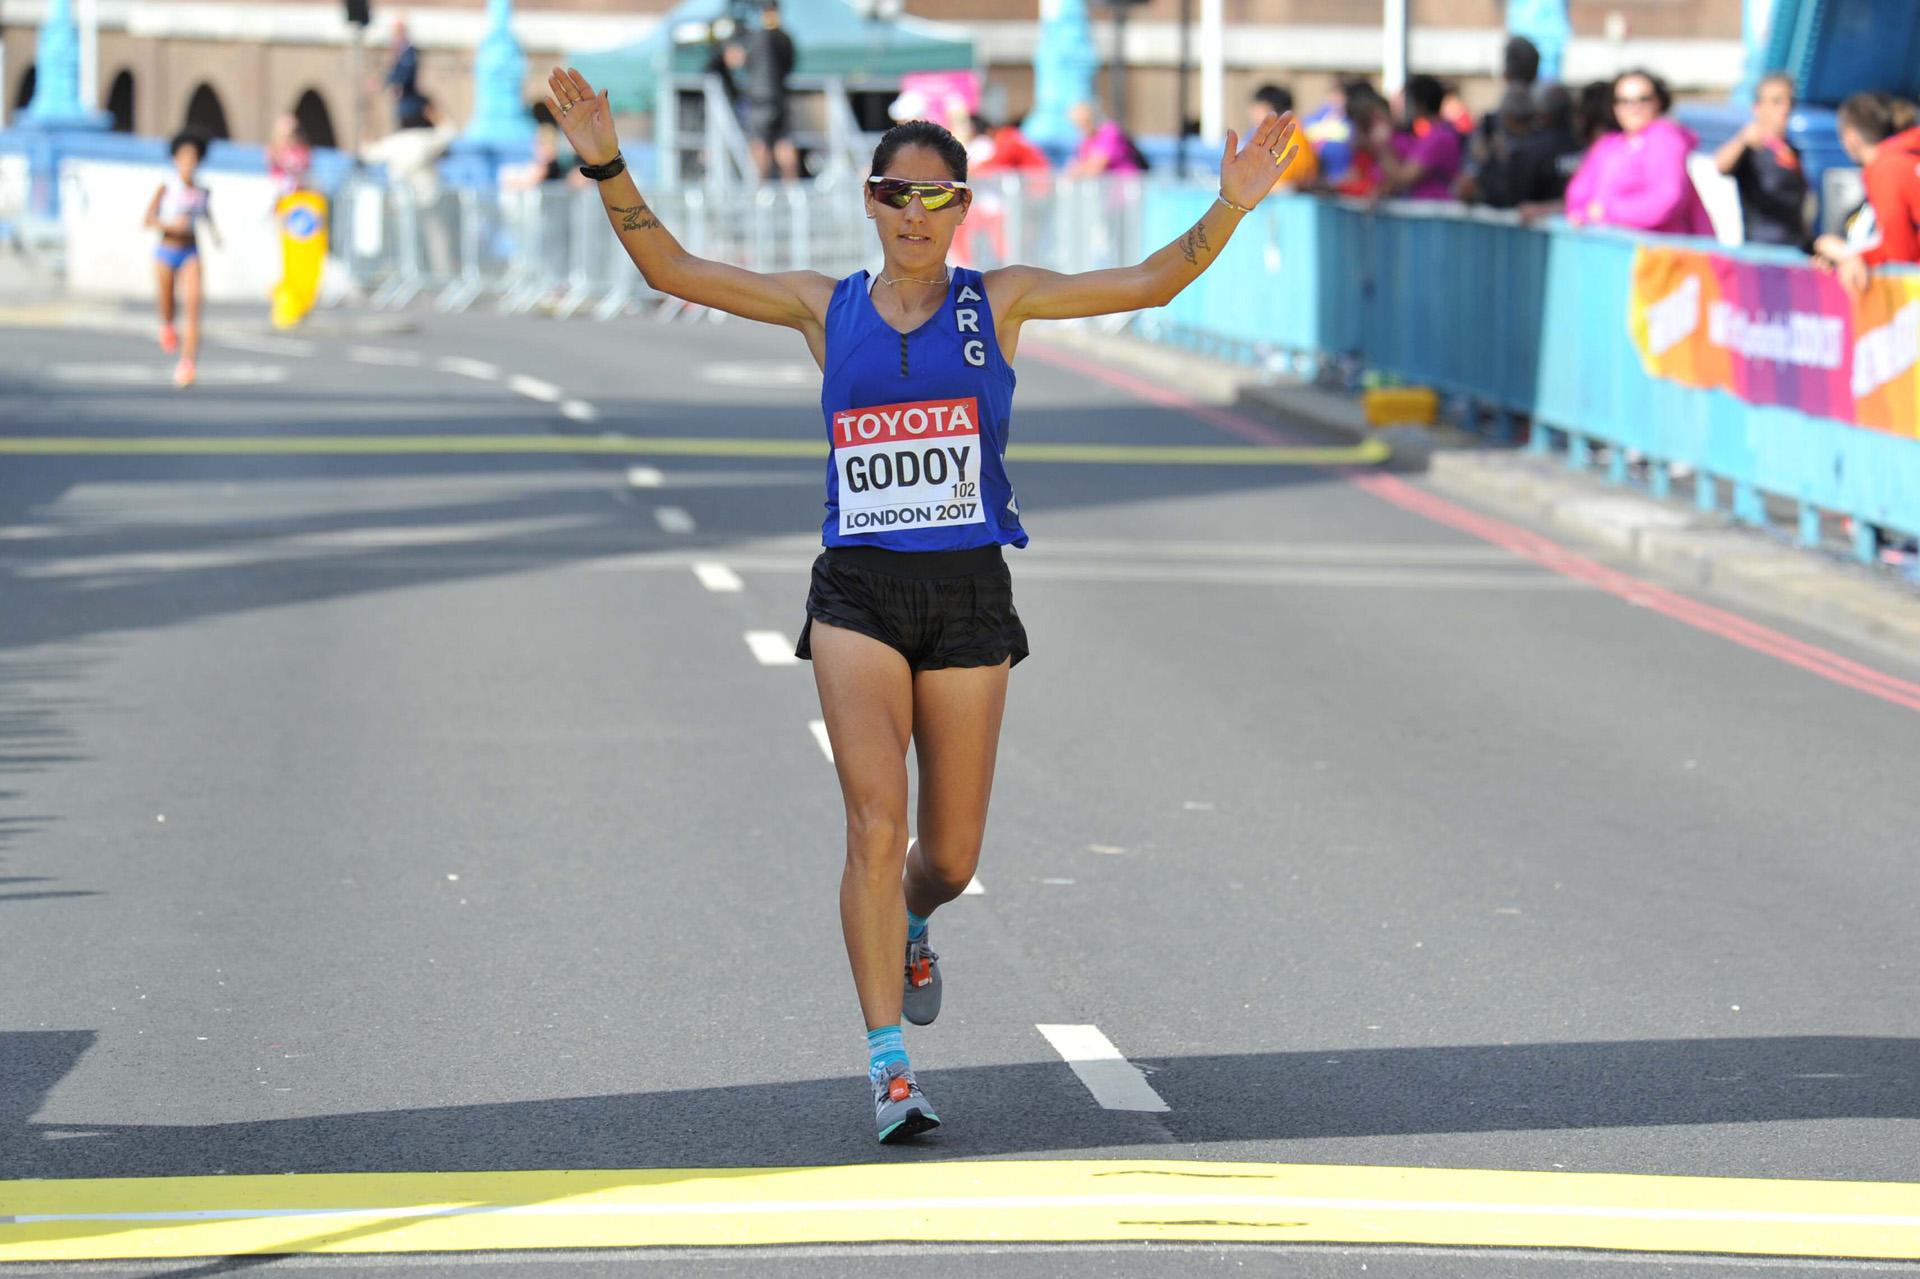 Rosa Godoy finalizó en el puesto 62 en la Maratón del Mundial de Atletismo. La atleta cordobesa obtuvo un tiempo de 2h49m30s. La ganadora de la prueba fue la fondista de Bahrein Rose Chelimo, con un registro de 2h27m11s – Fotos: Télam – DyN – Getty